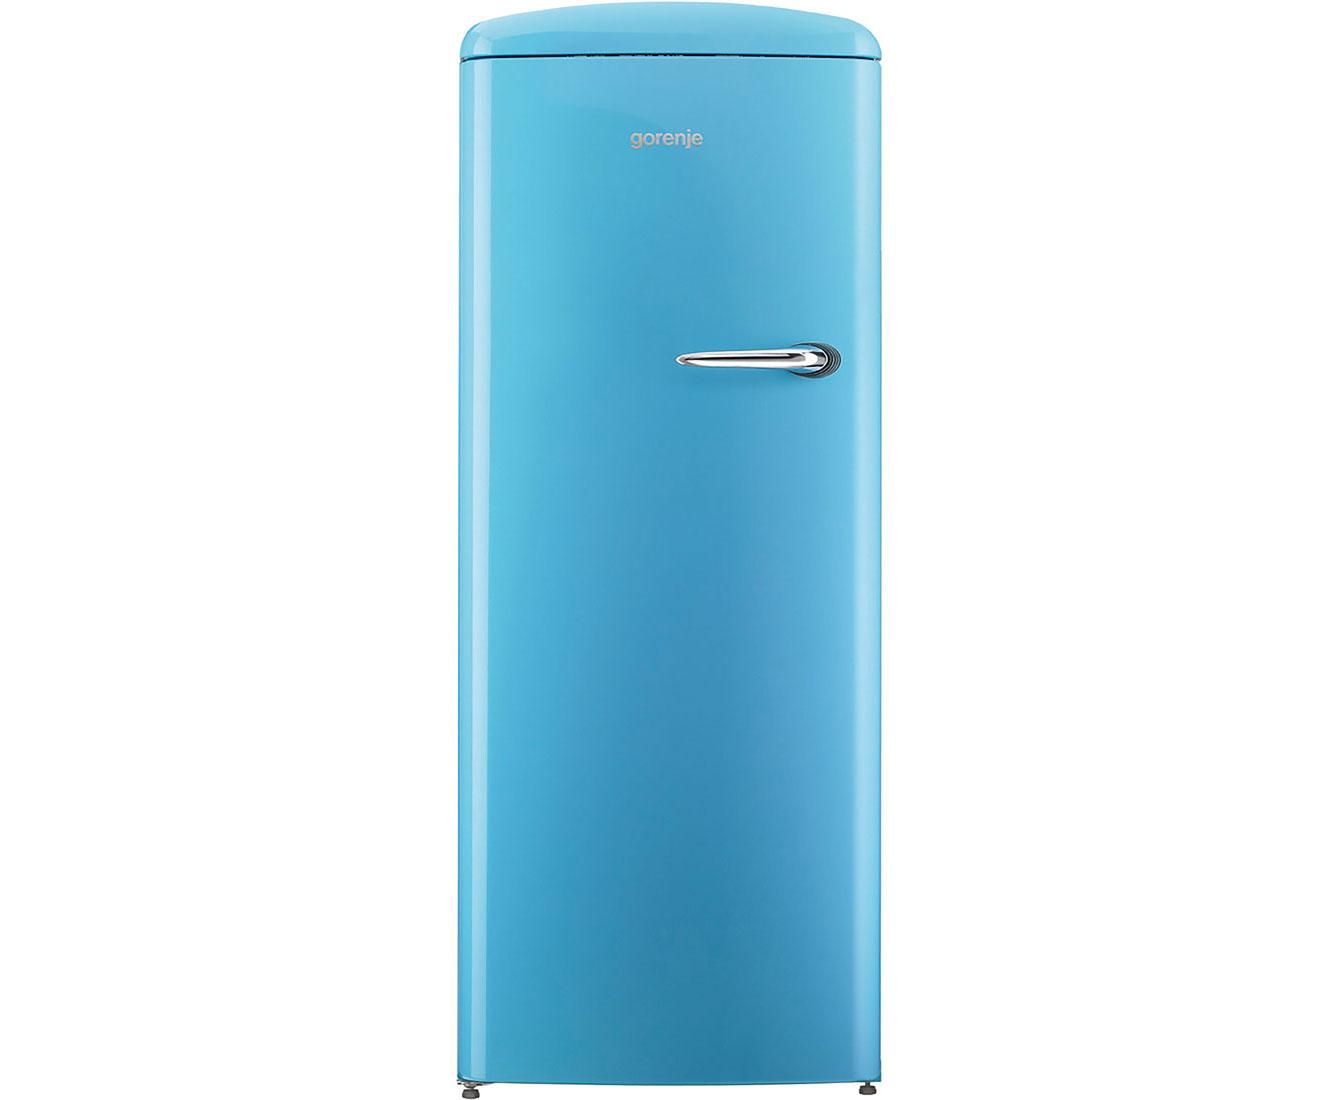 Bosch Retro Kühlschrank Blau : Gorenje retro collection orb 153 bl l kühlschrank mit gefrierfach